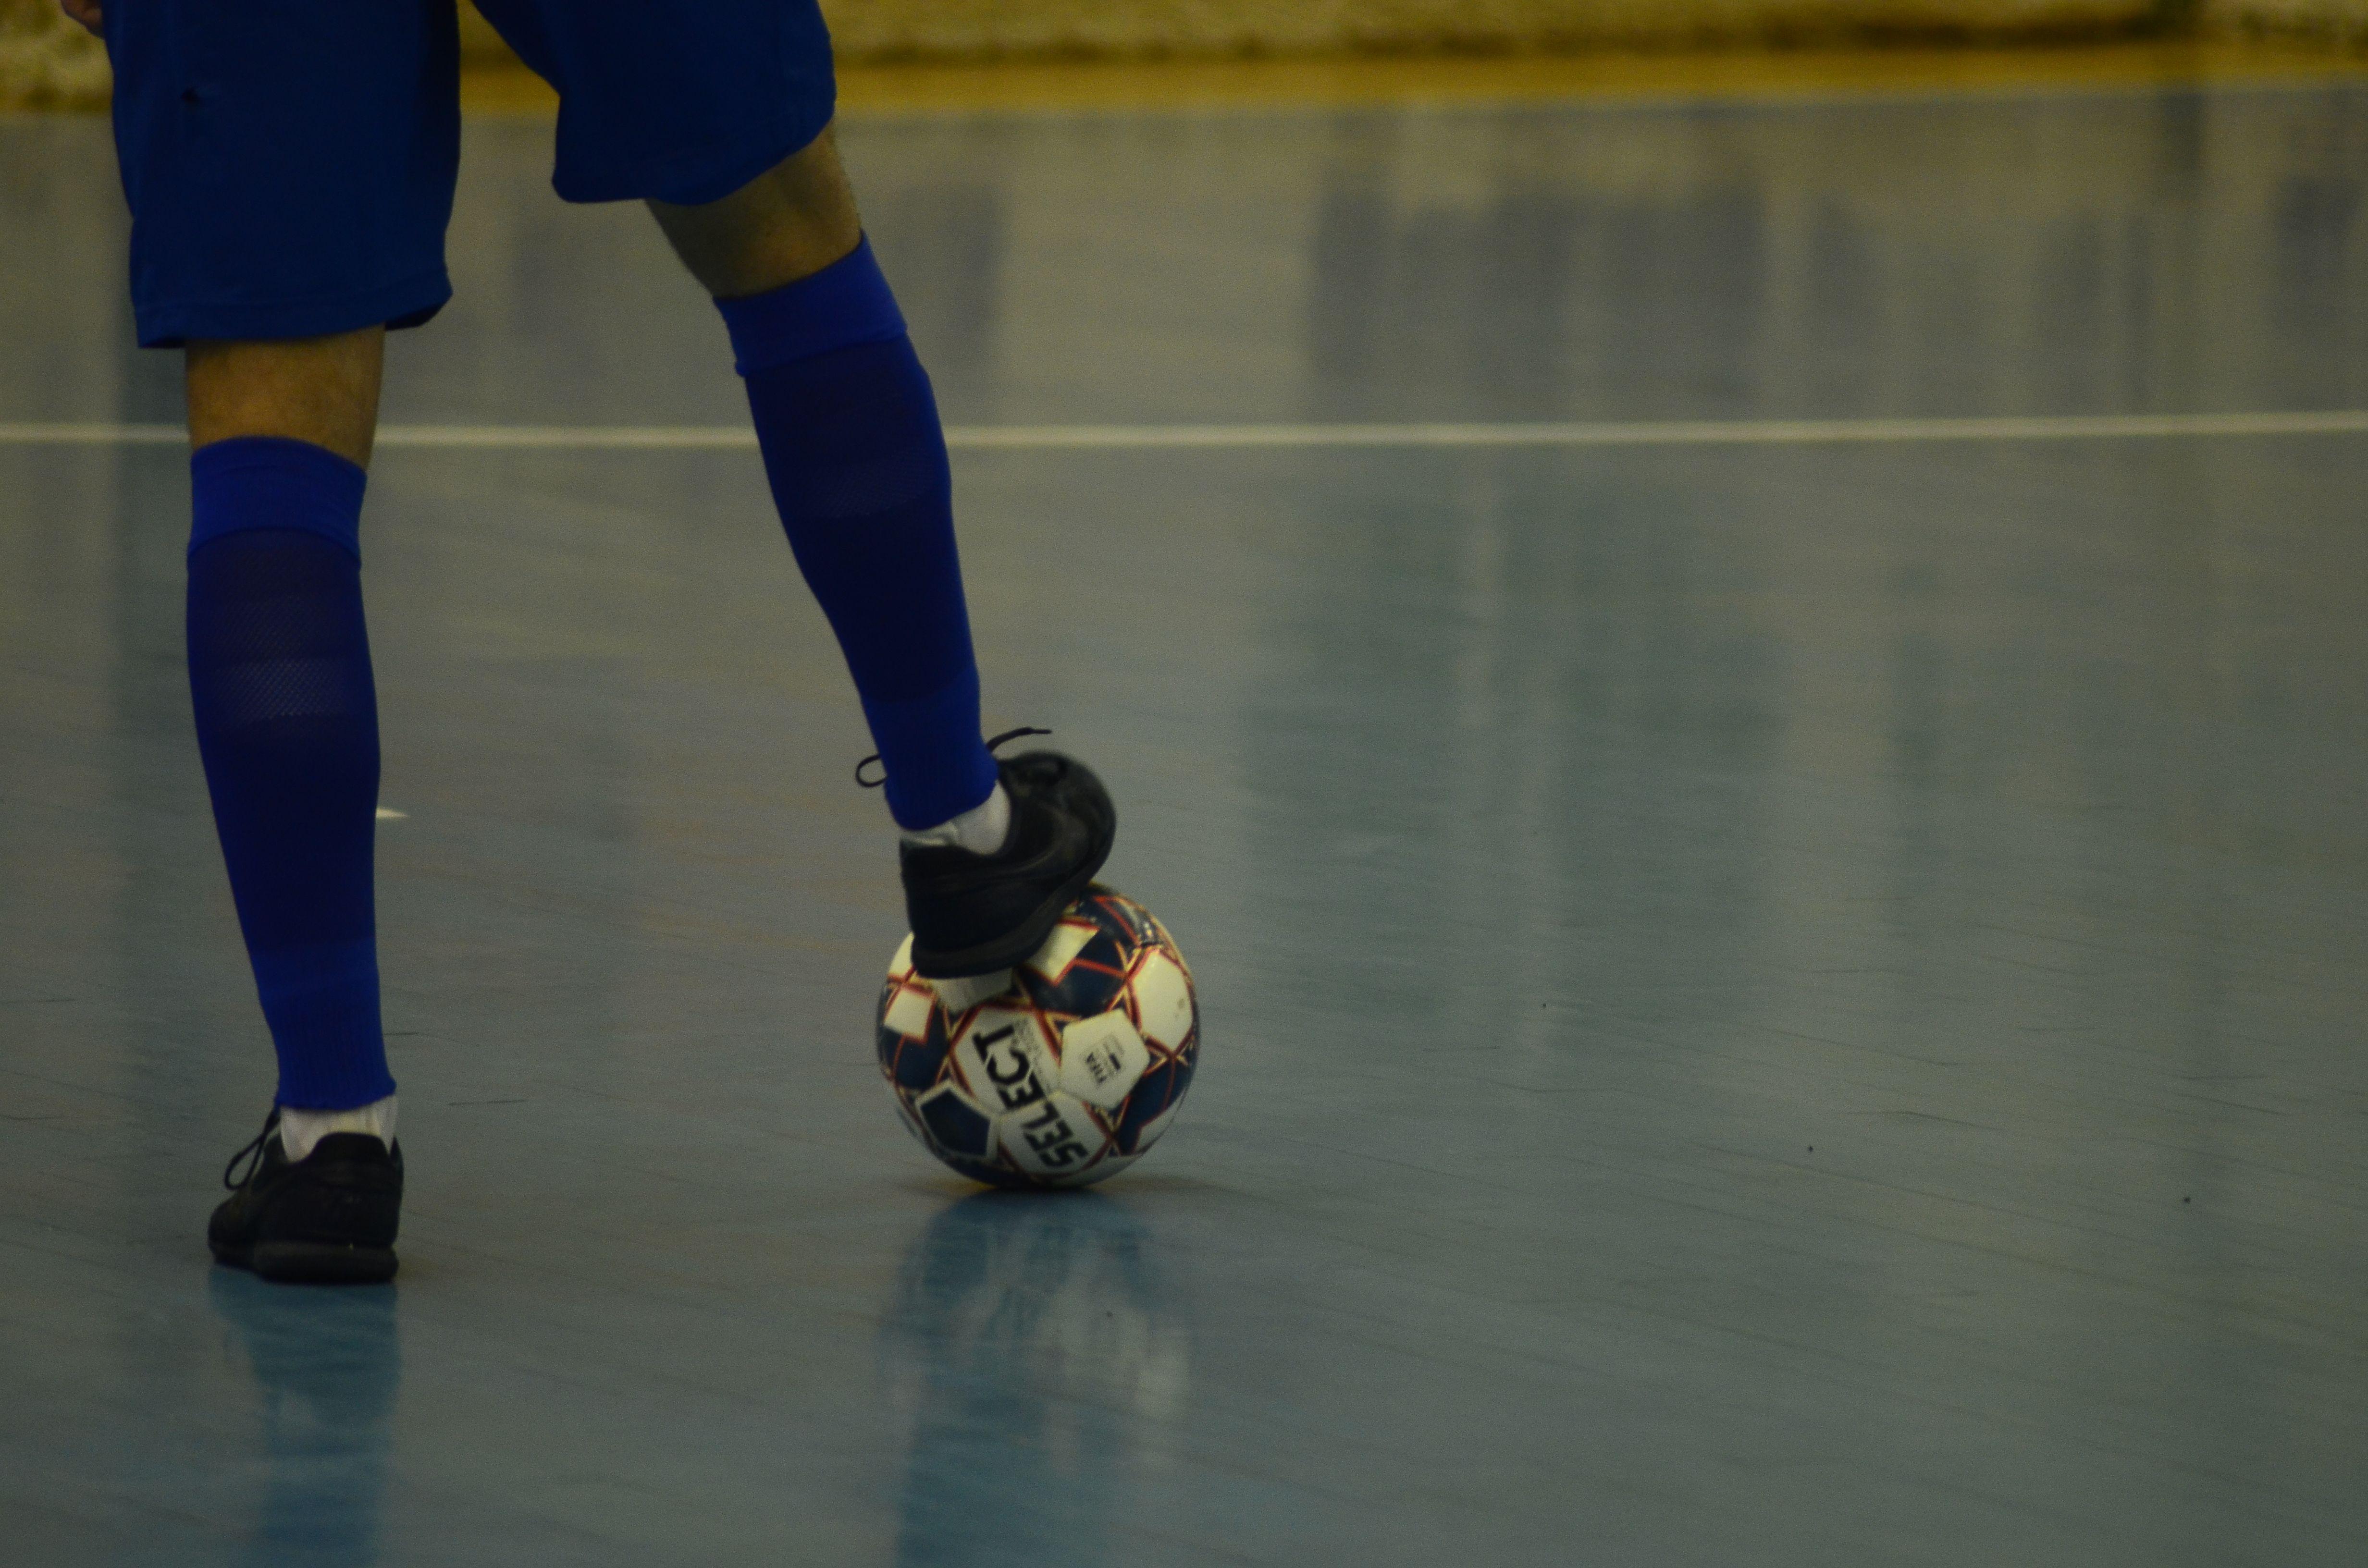 Спортивные состязания организуют для всех желающих в Сосенском